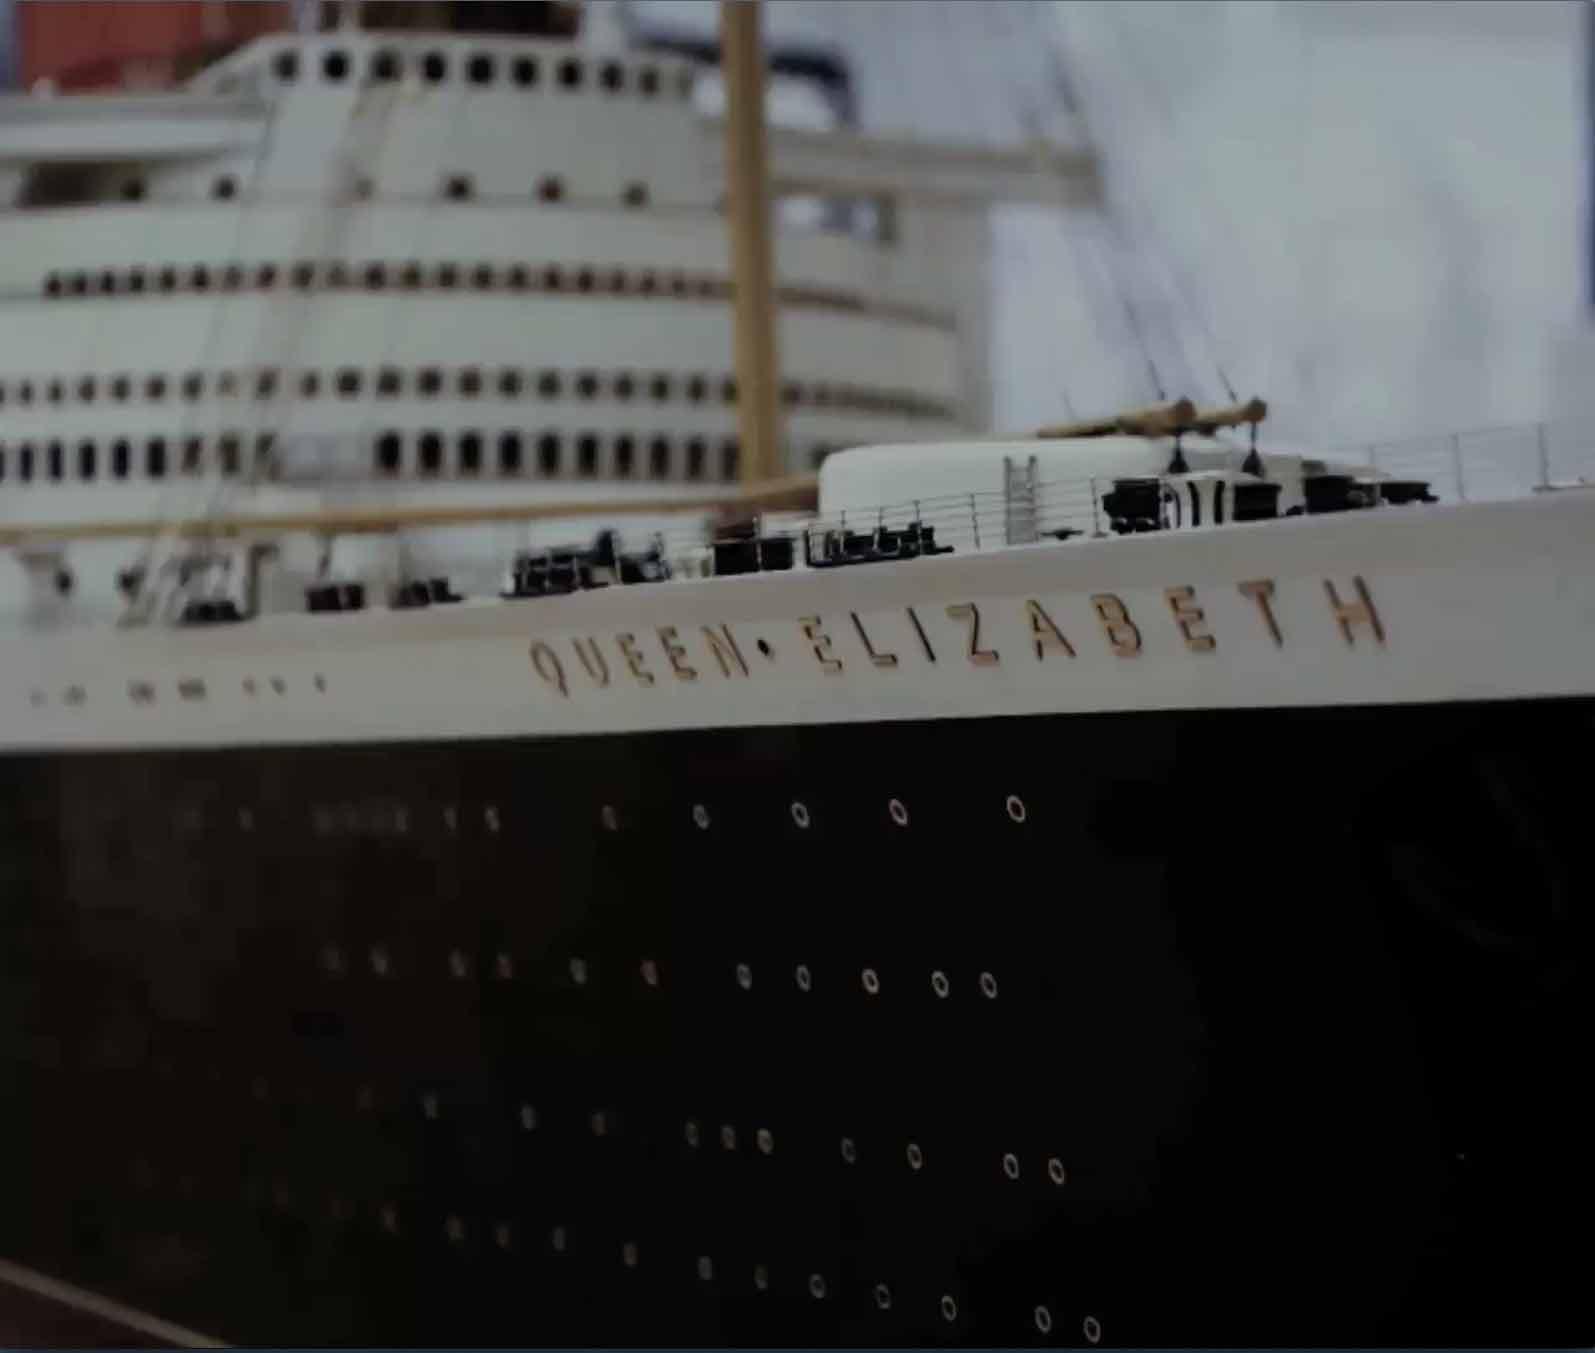 Peabody Essex Museum - Queen Elizabeth